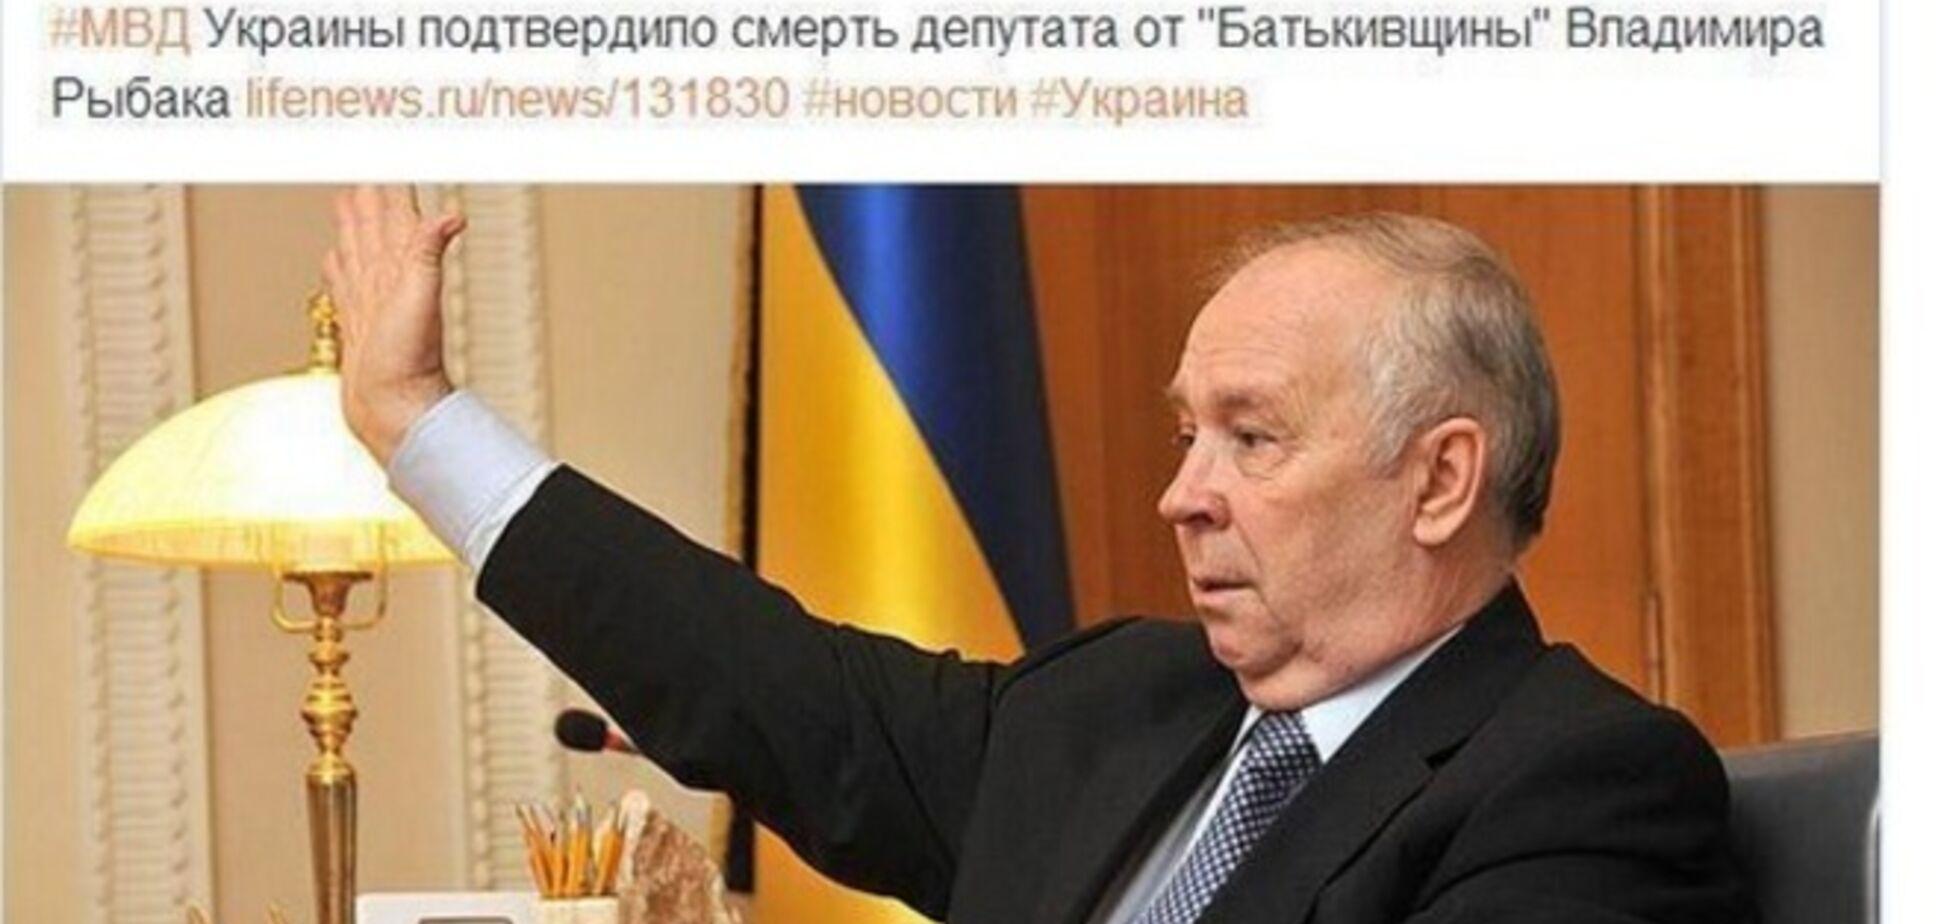 Российские СМИ 'похоронили' экс-главу Верховной Рады